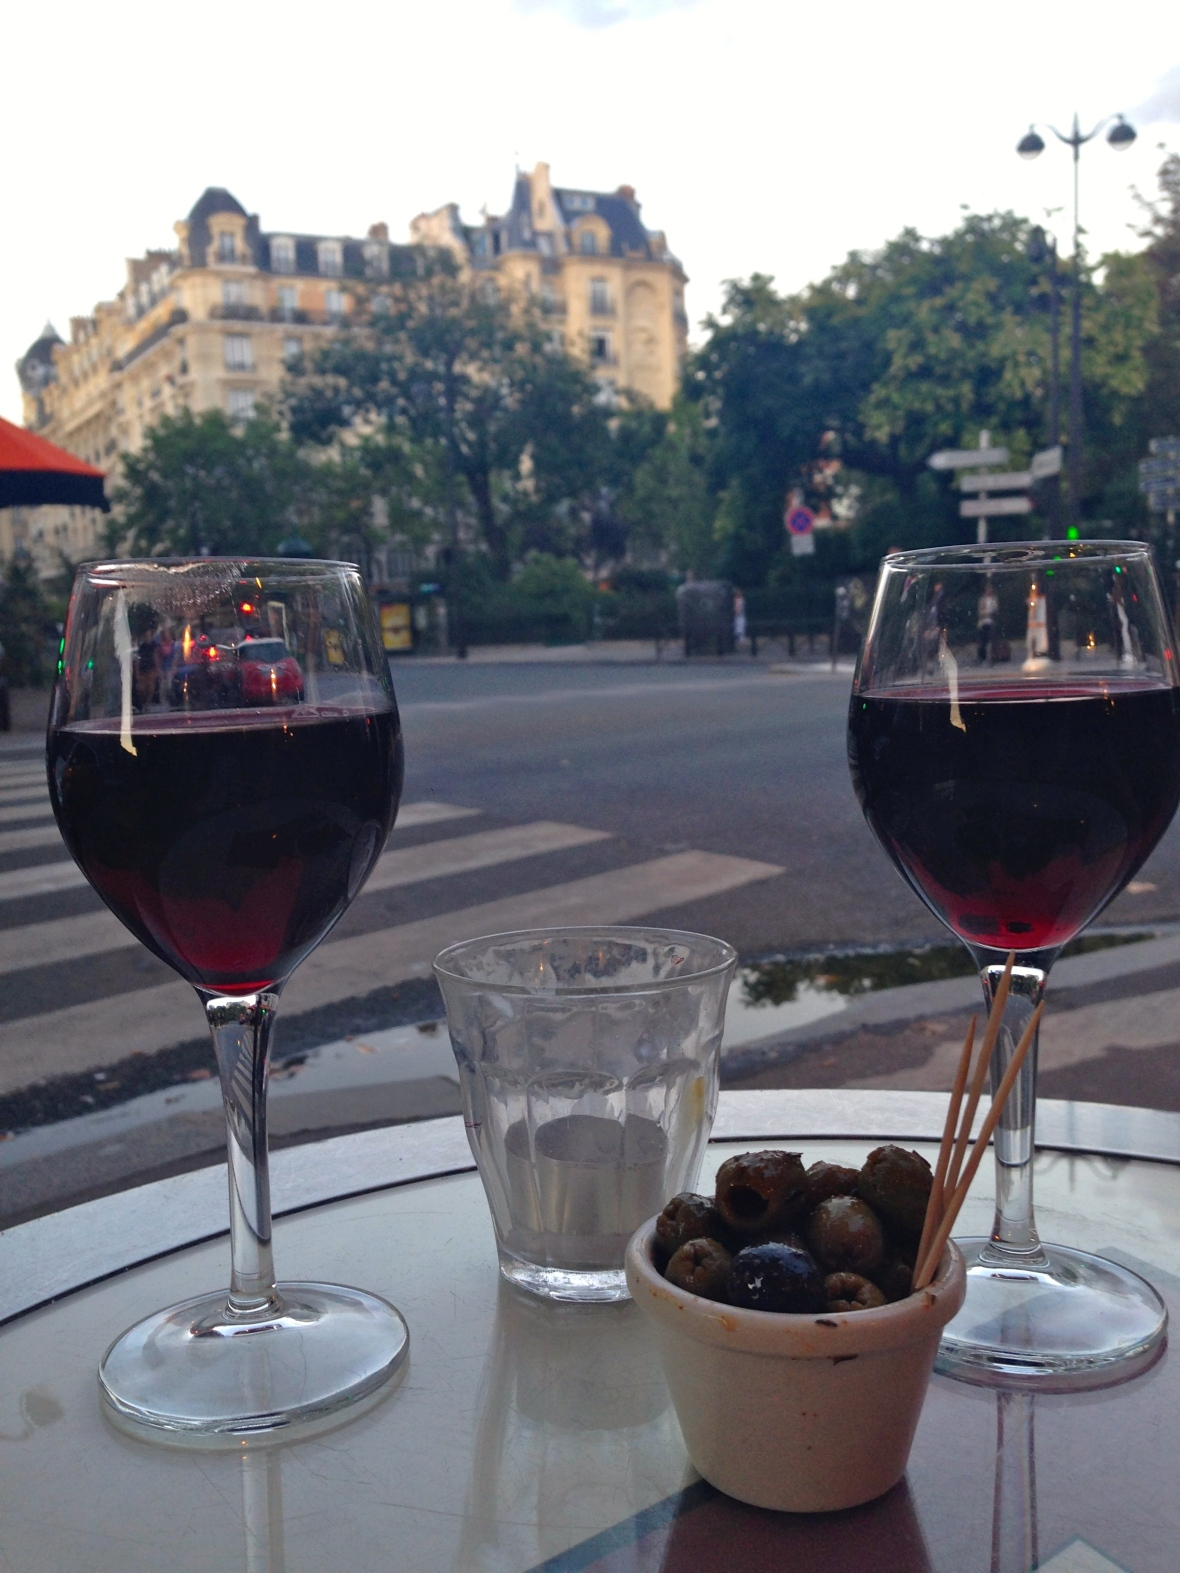 Parisian Cafe - Paris France